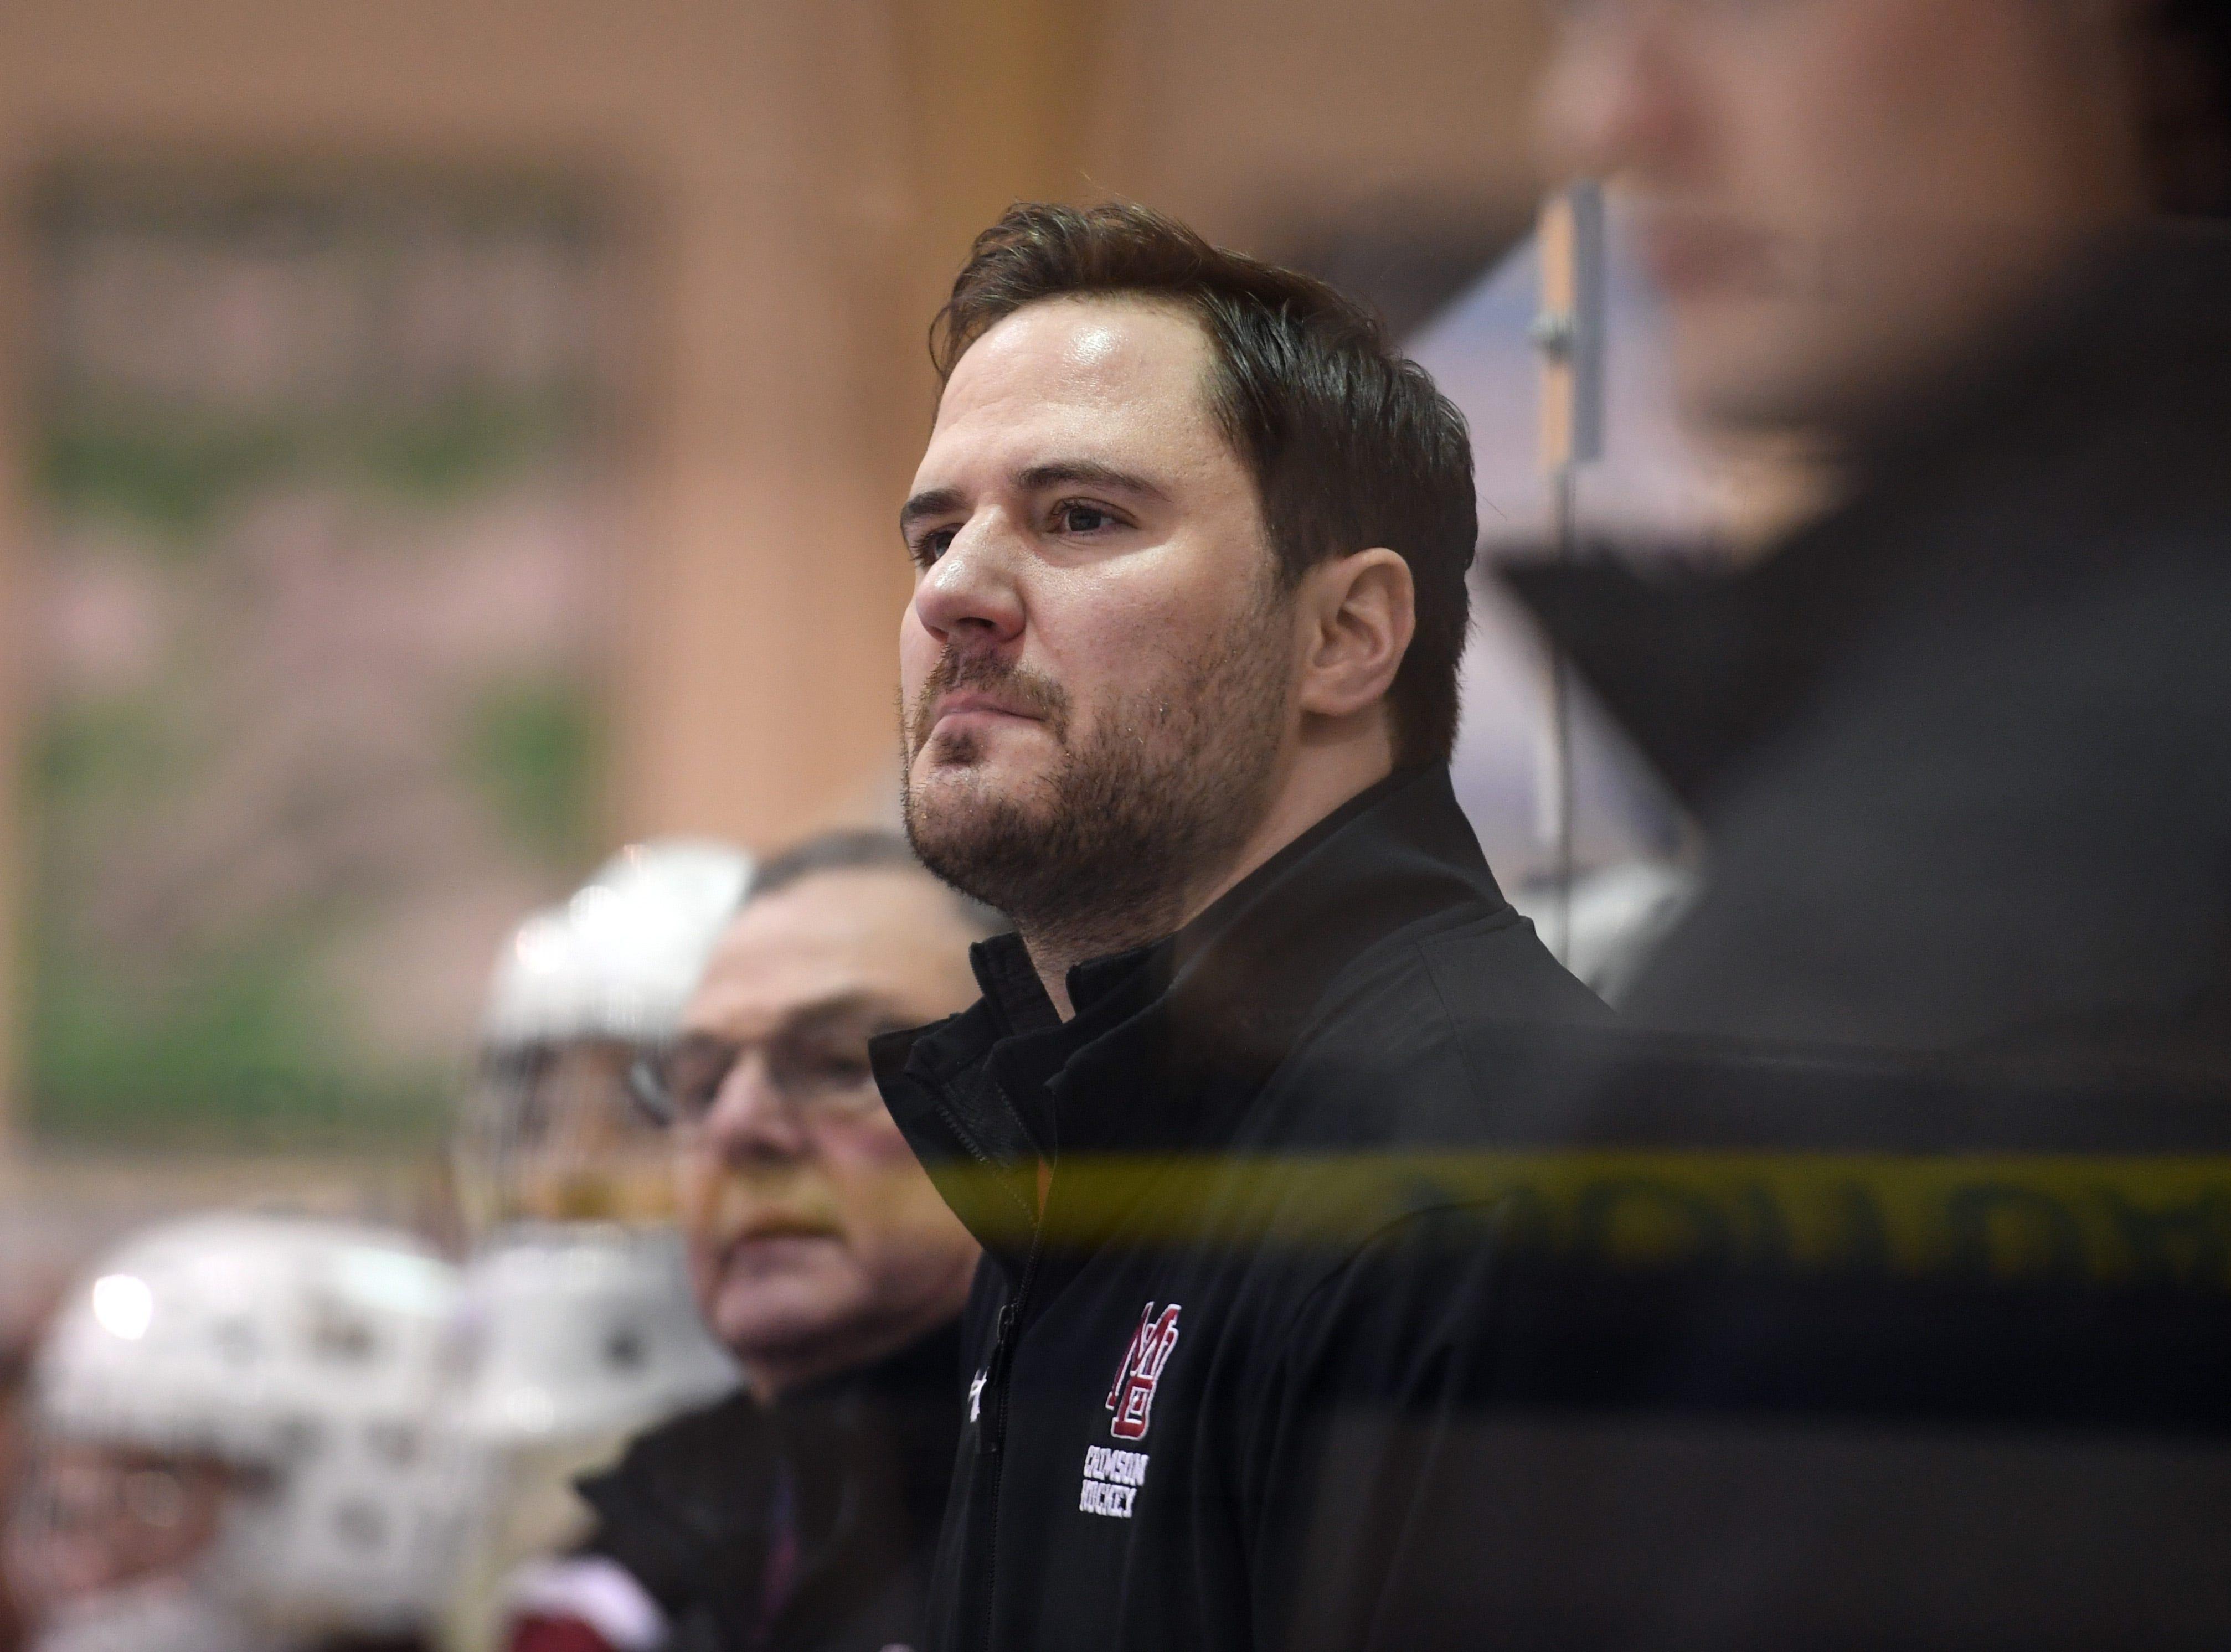 Madison ice hockey vs. Morristown-Beard at Mennen Sports Arena on Thursday, December 20, 2018. Scott Greene, Morristown-Beard coach.